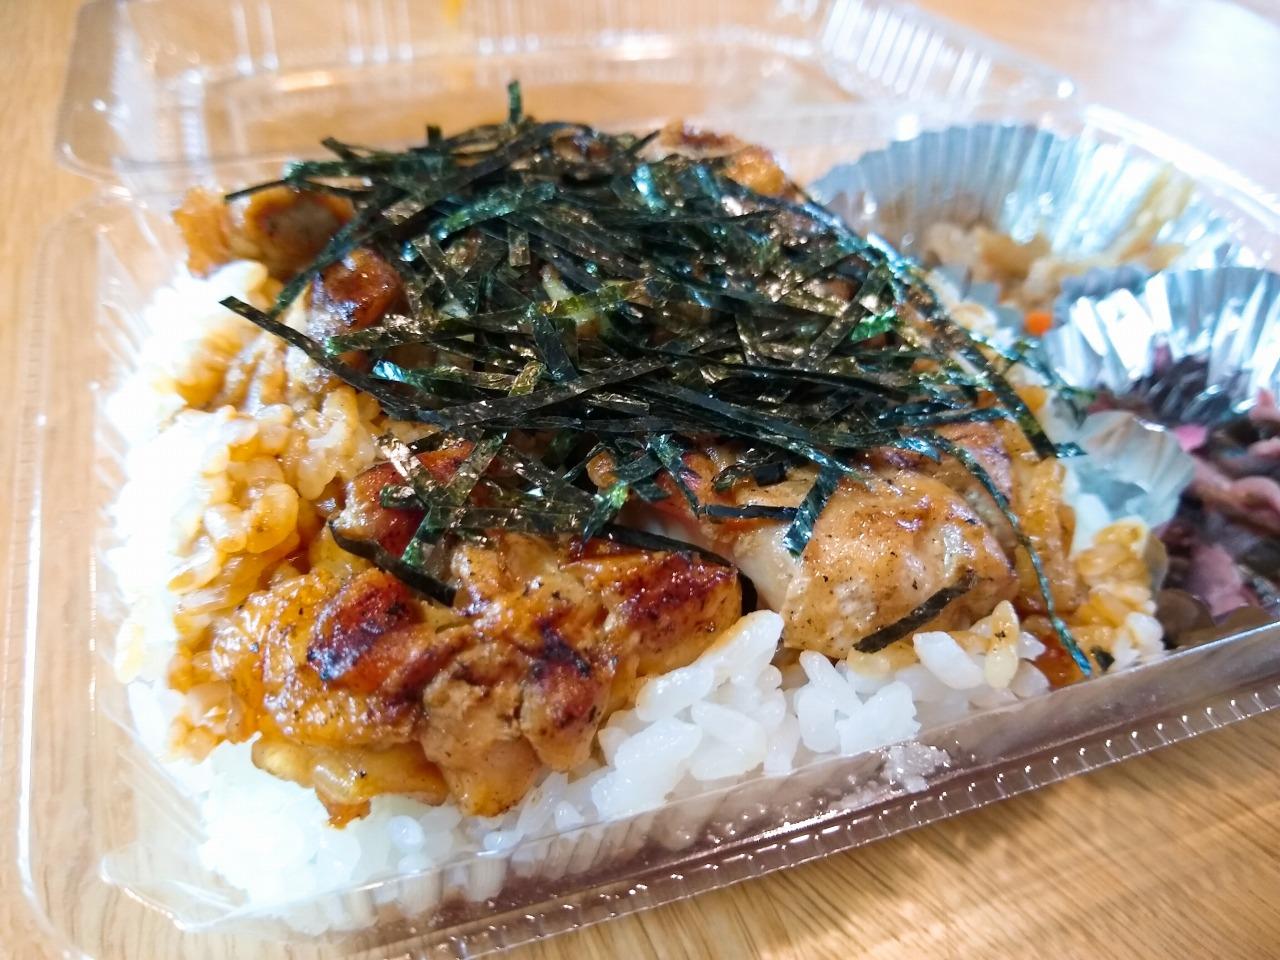 竜吉の焼き鳥丼テイクアウト